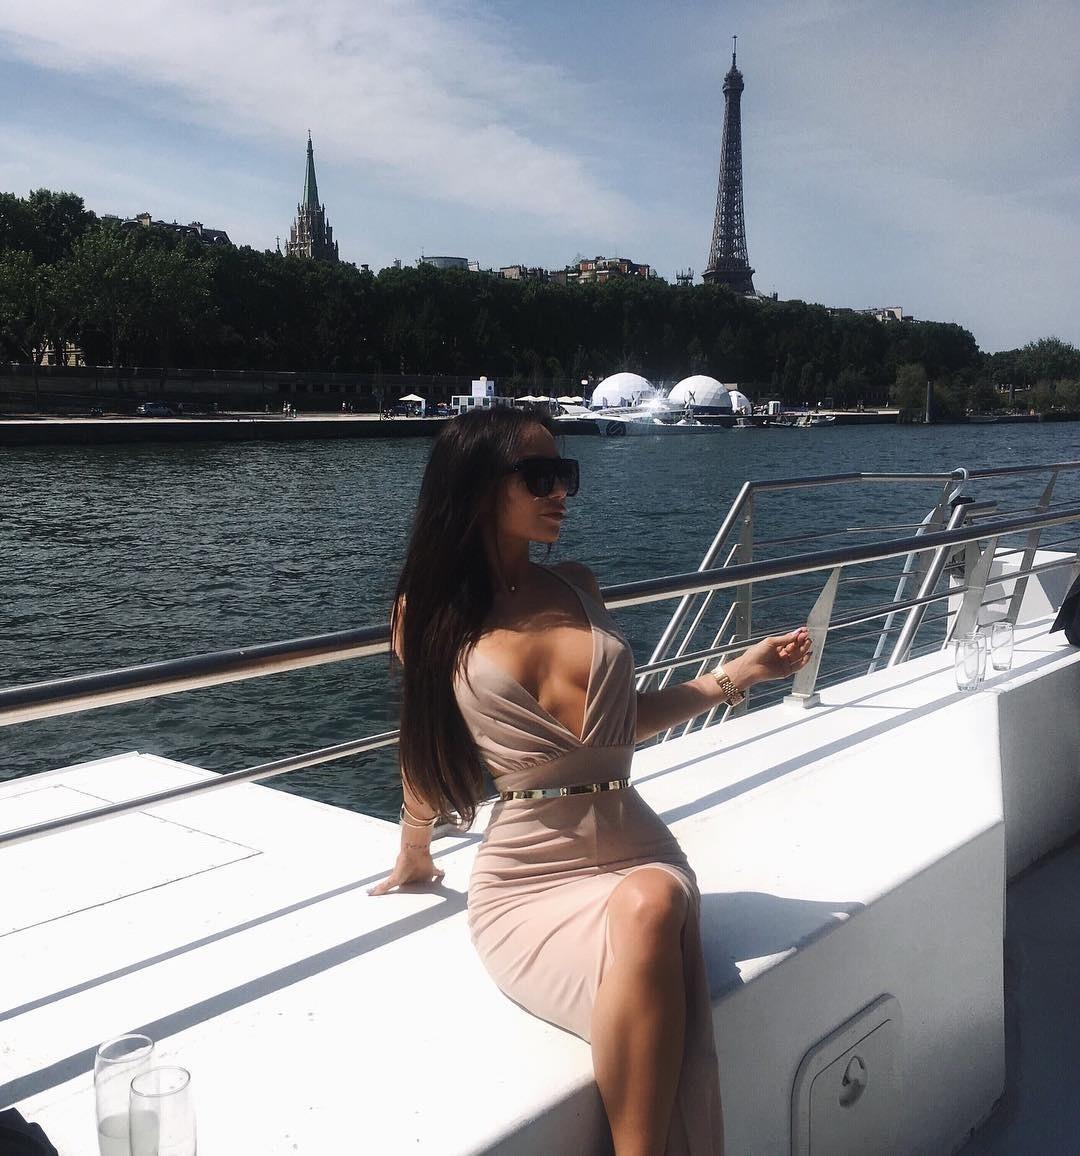 Эскорт услуги в Париже